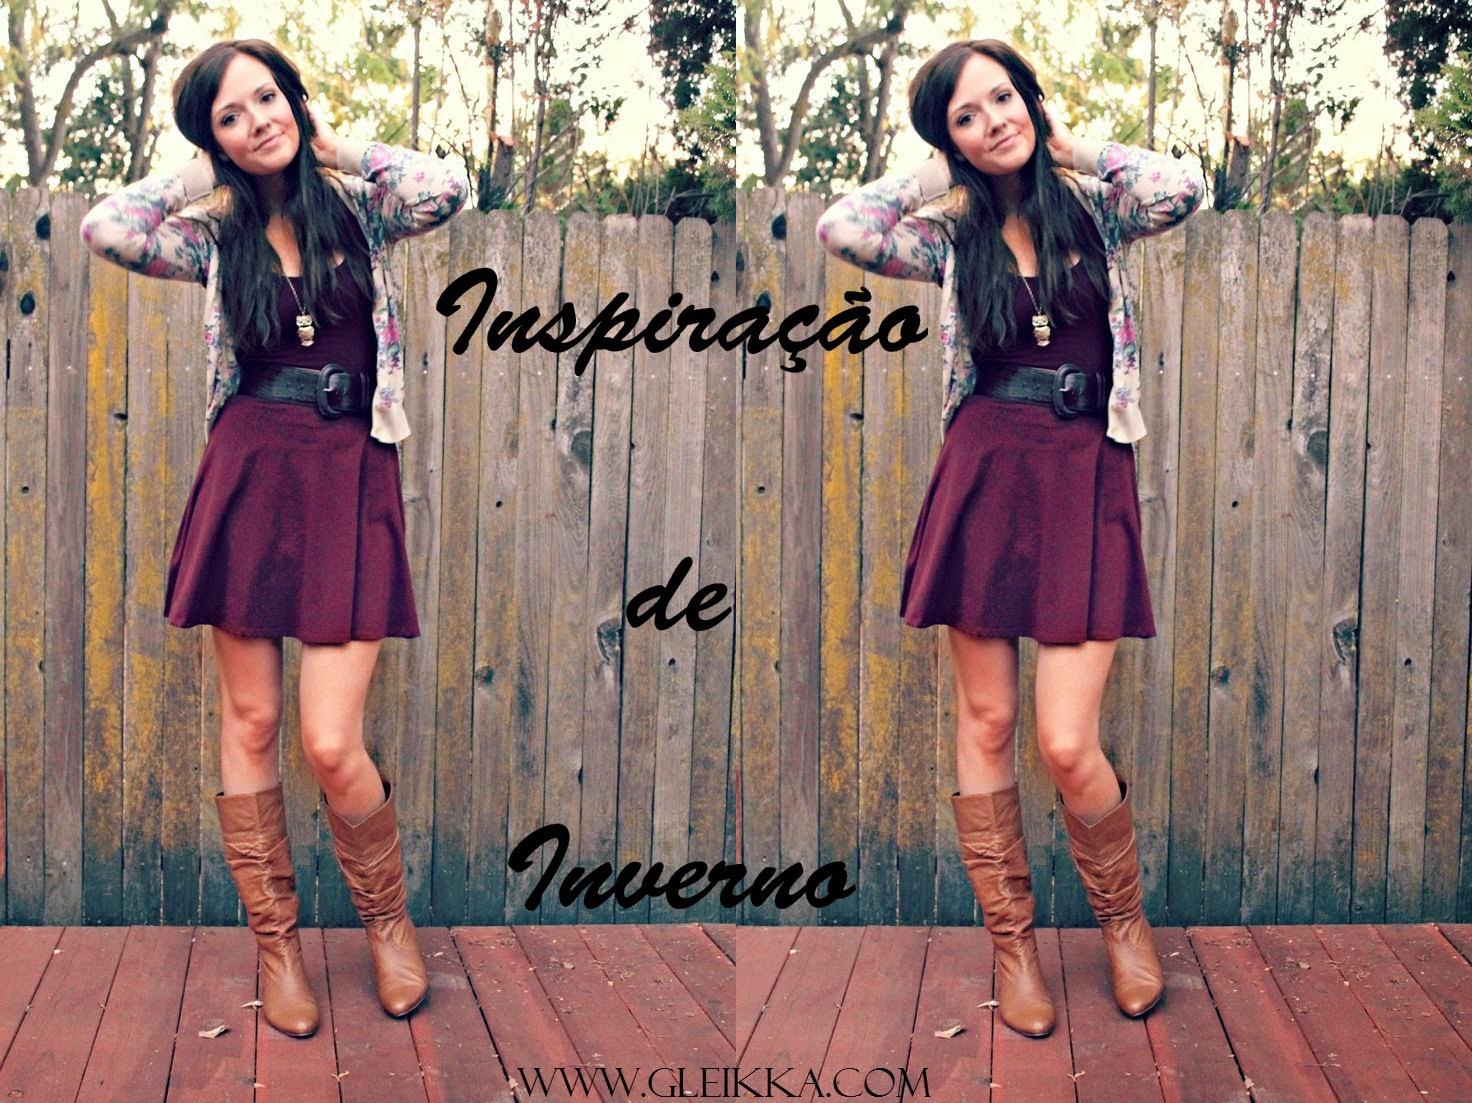 blog Gleikka, Inspiração de inverno, look do dia, como usar vestido no inverno, vestido e bota, burgundy, tendência inverno 2014, look feminino, cardigan estampado